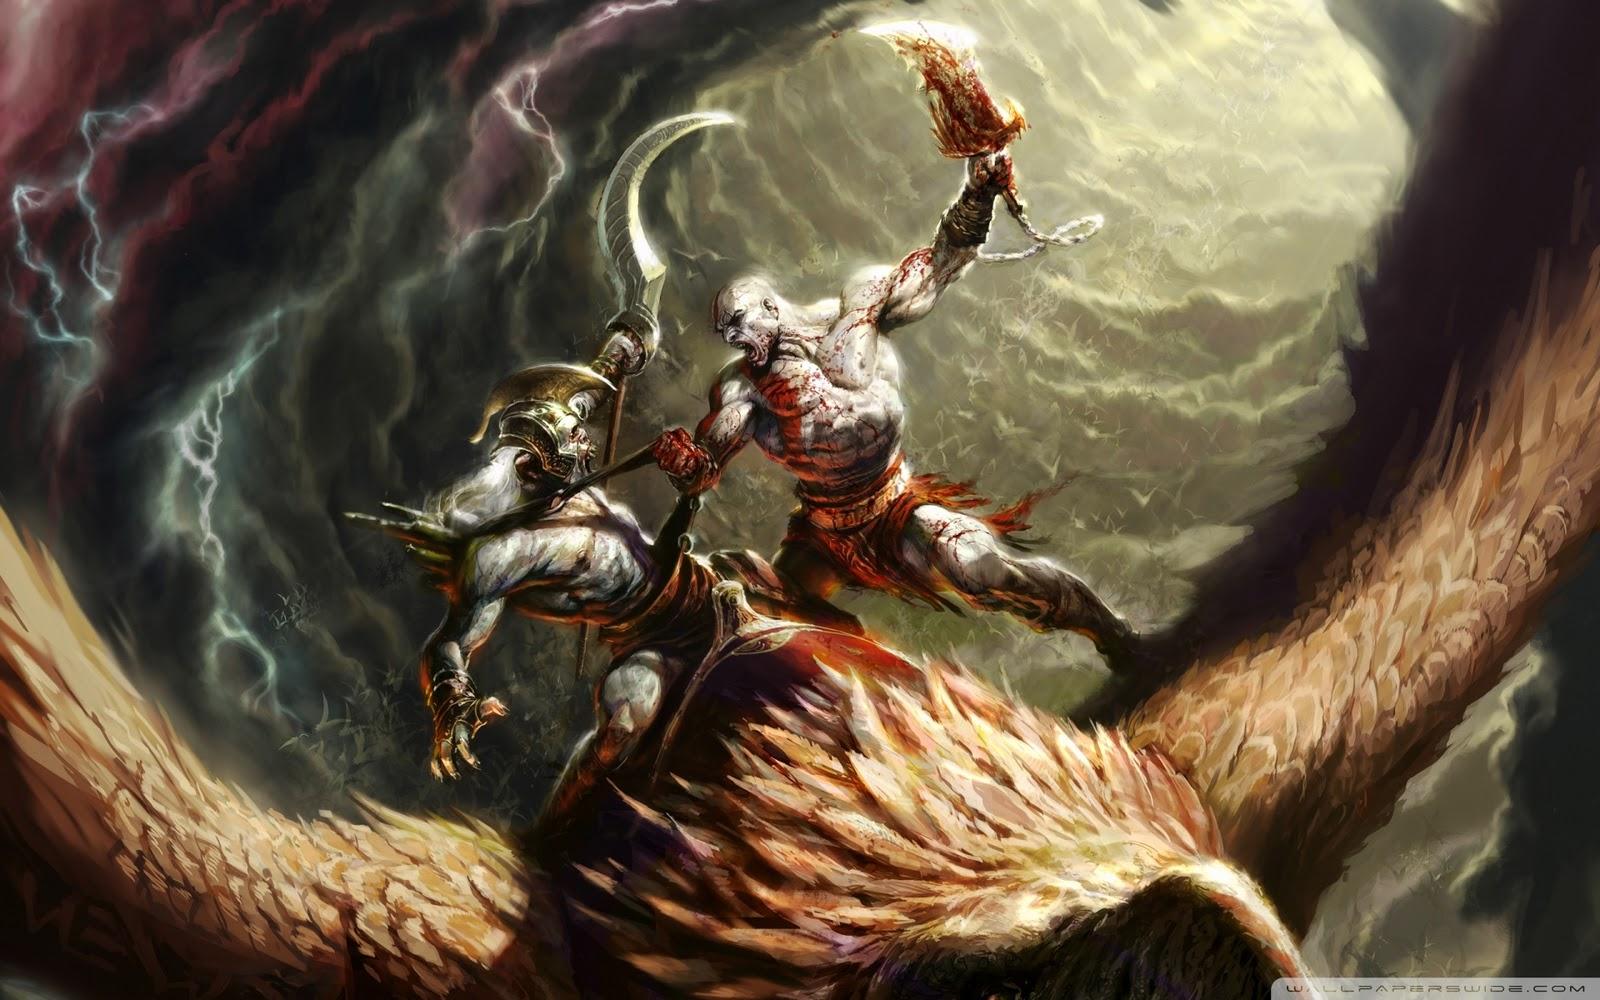 http://2.bp.blogspot.com/-jumMKDA2ykQ/Tv-9tlUz47I/AAAAAAAAD7k/VLxeR9s2ujs/s1600/god_of_war_game_battle_2-wallpaper-1920x1200.jpg